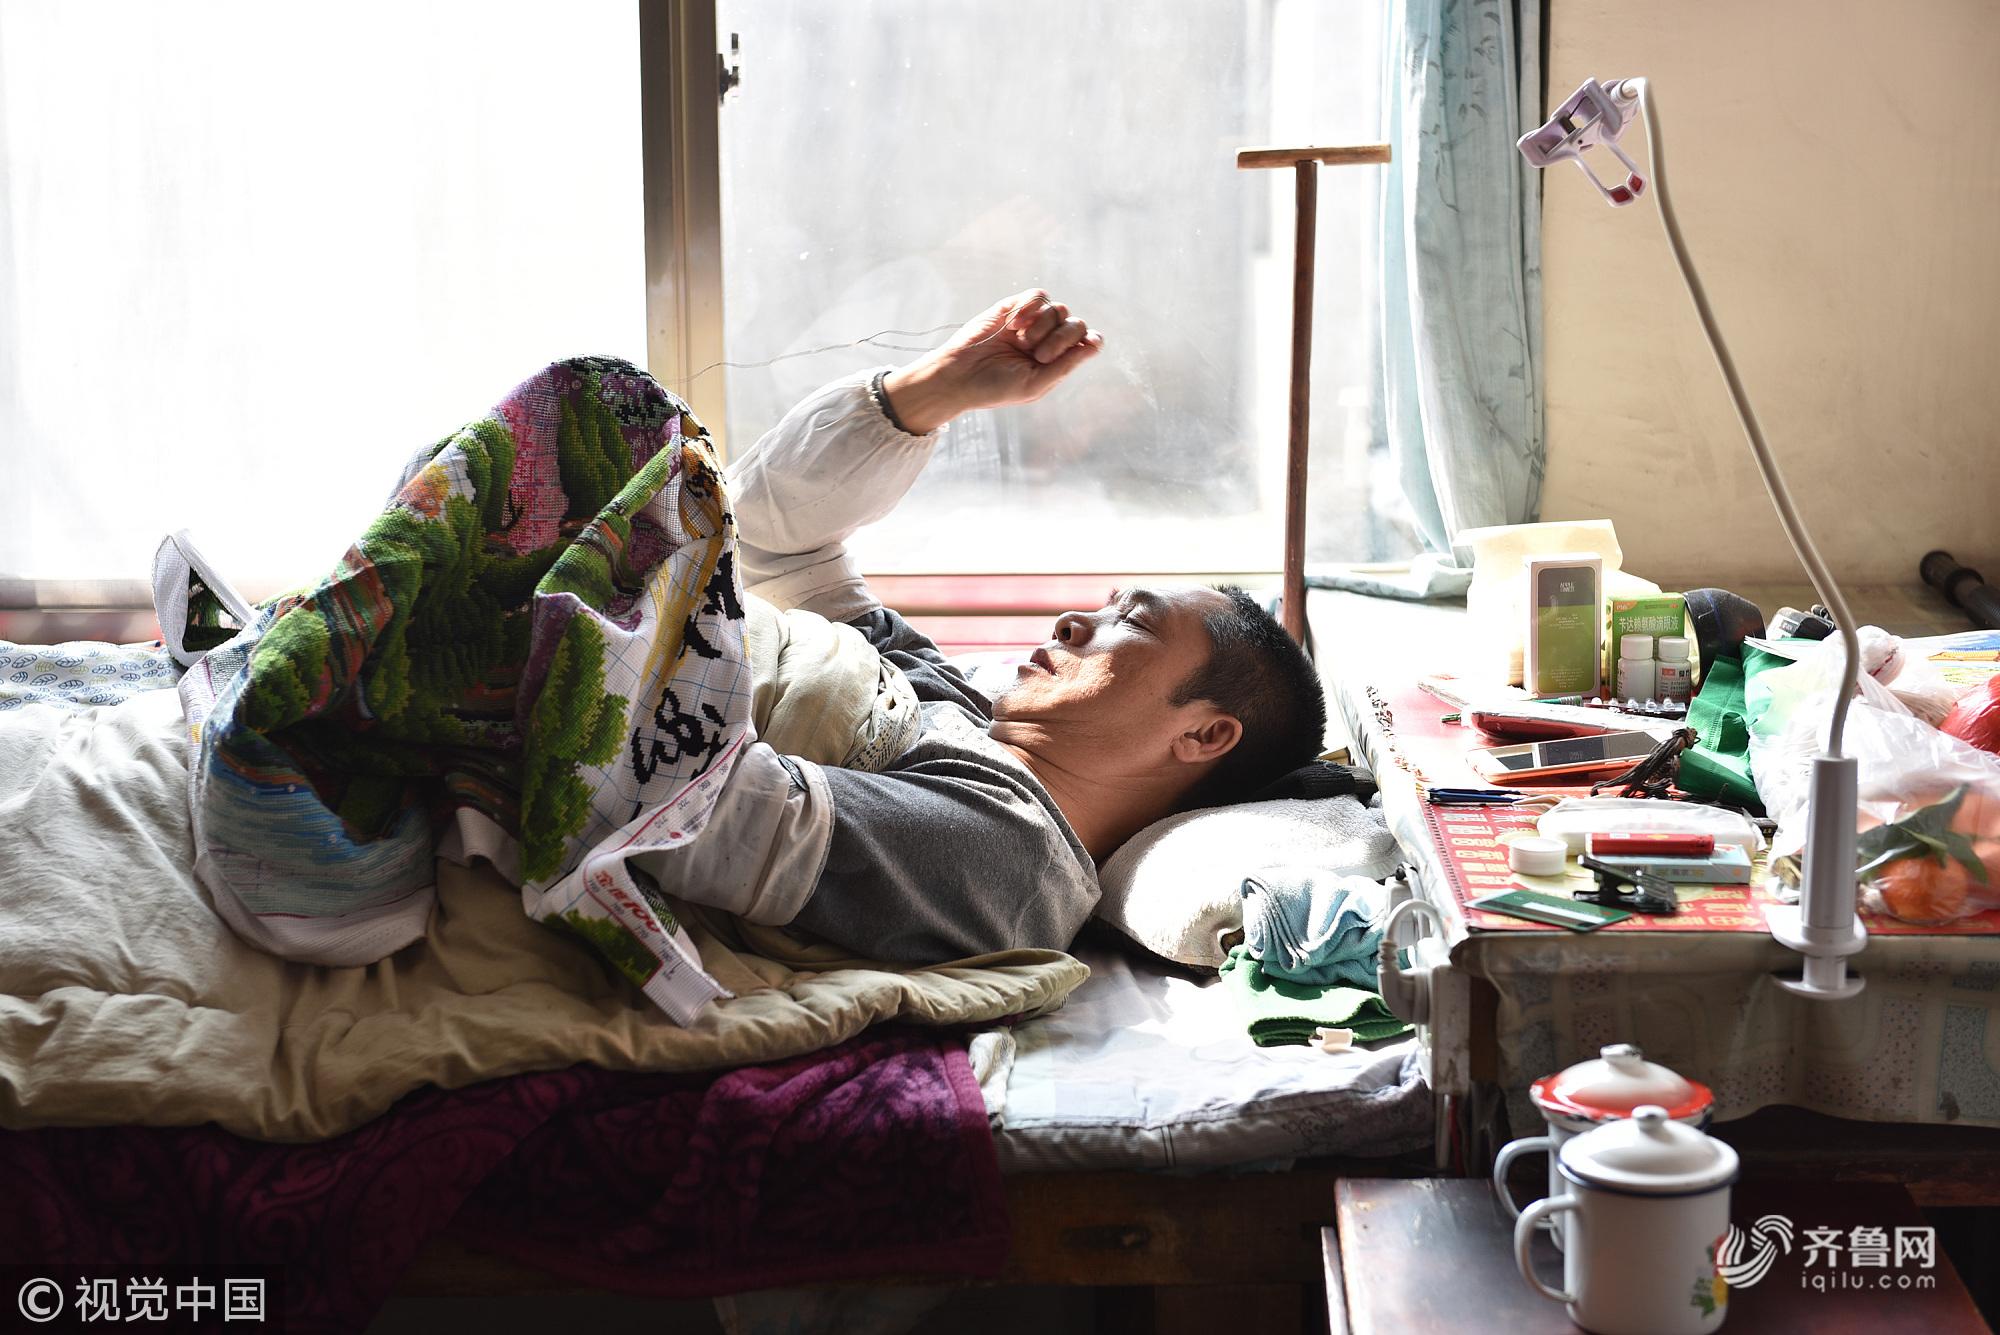 """山东日照:瘫痪夫君把床当""""绣房"""" 躺着""""绣花""""33年"""